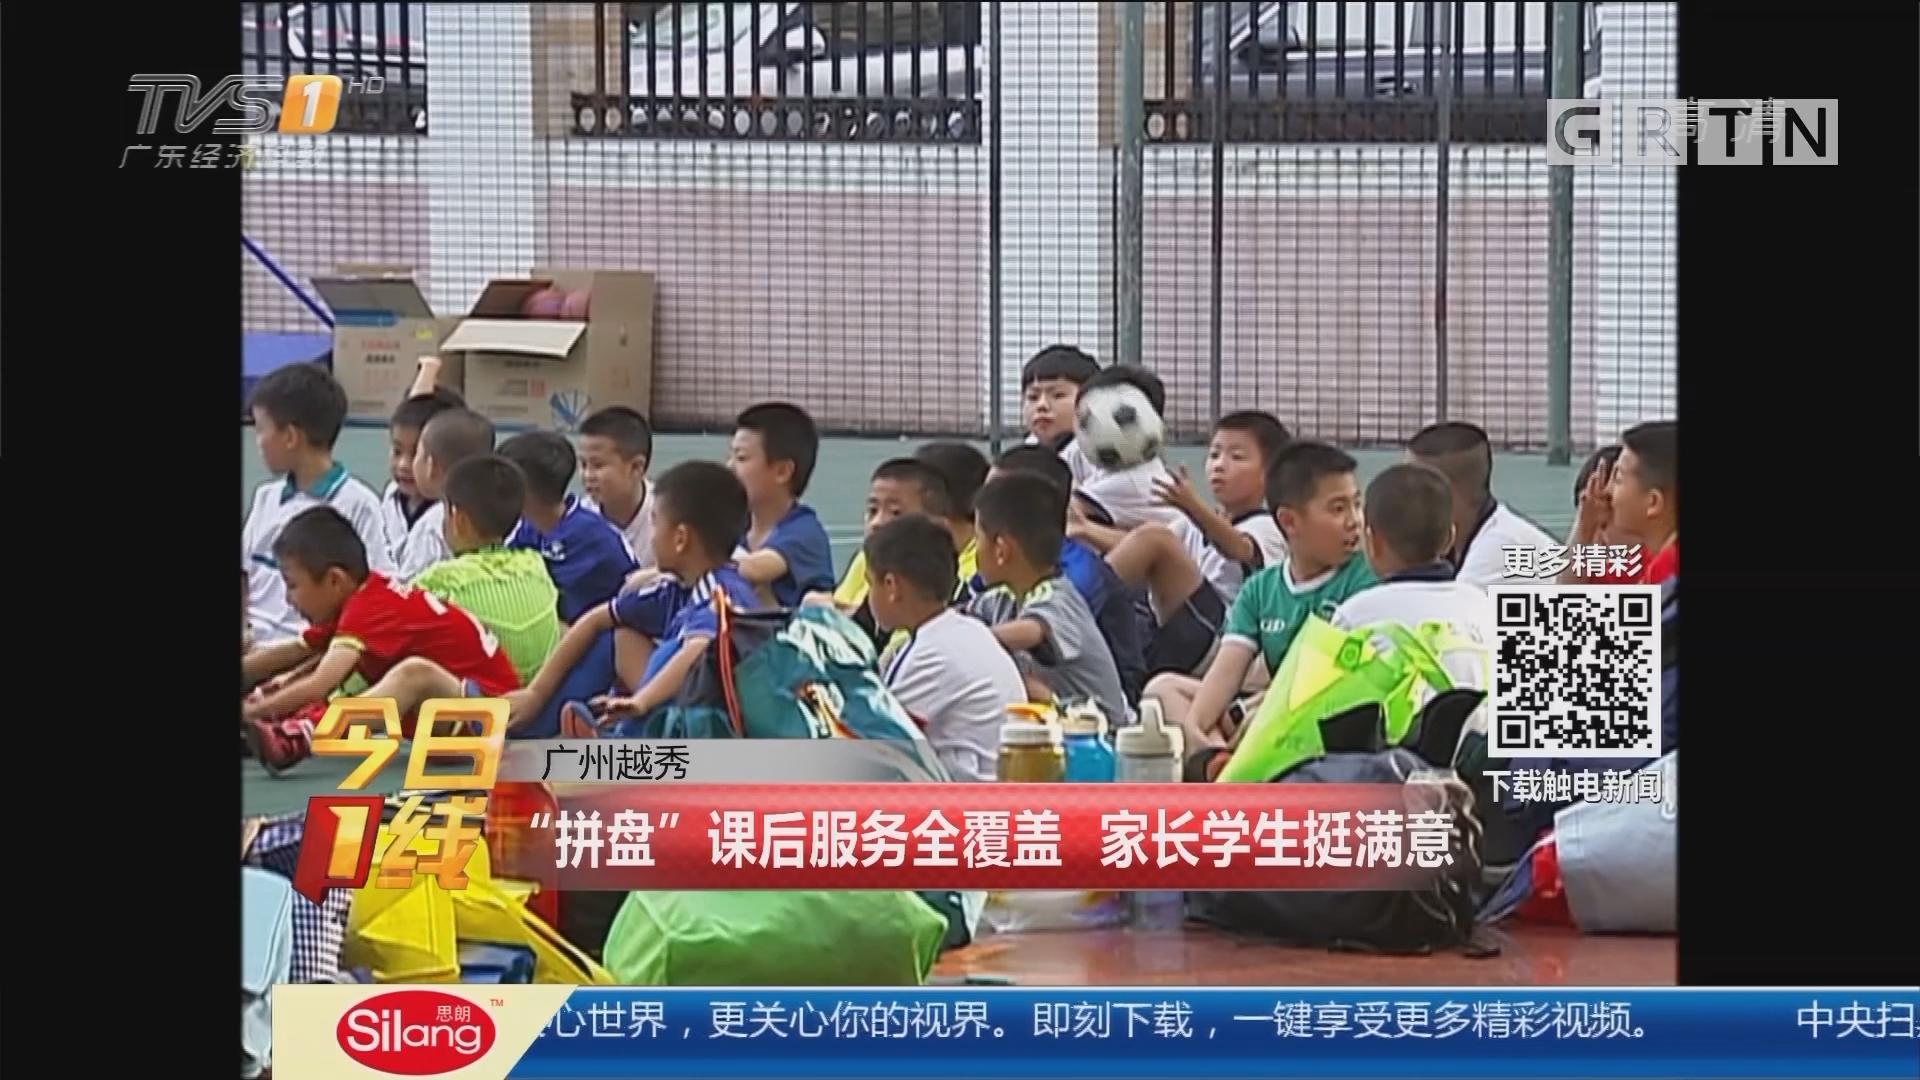 """广州越秀:""""拼盘""""课后服务全覆盖 家长学生挺满意"""